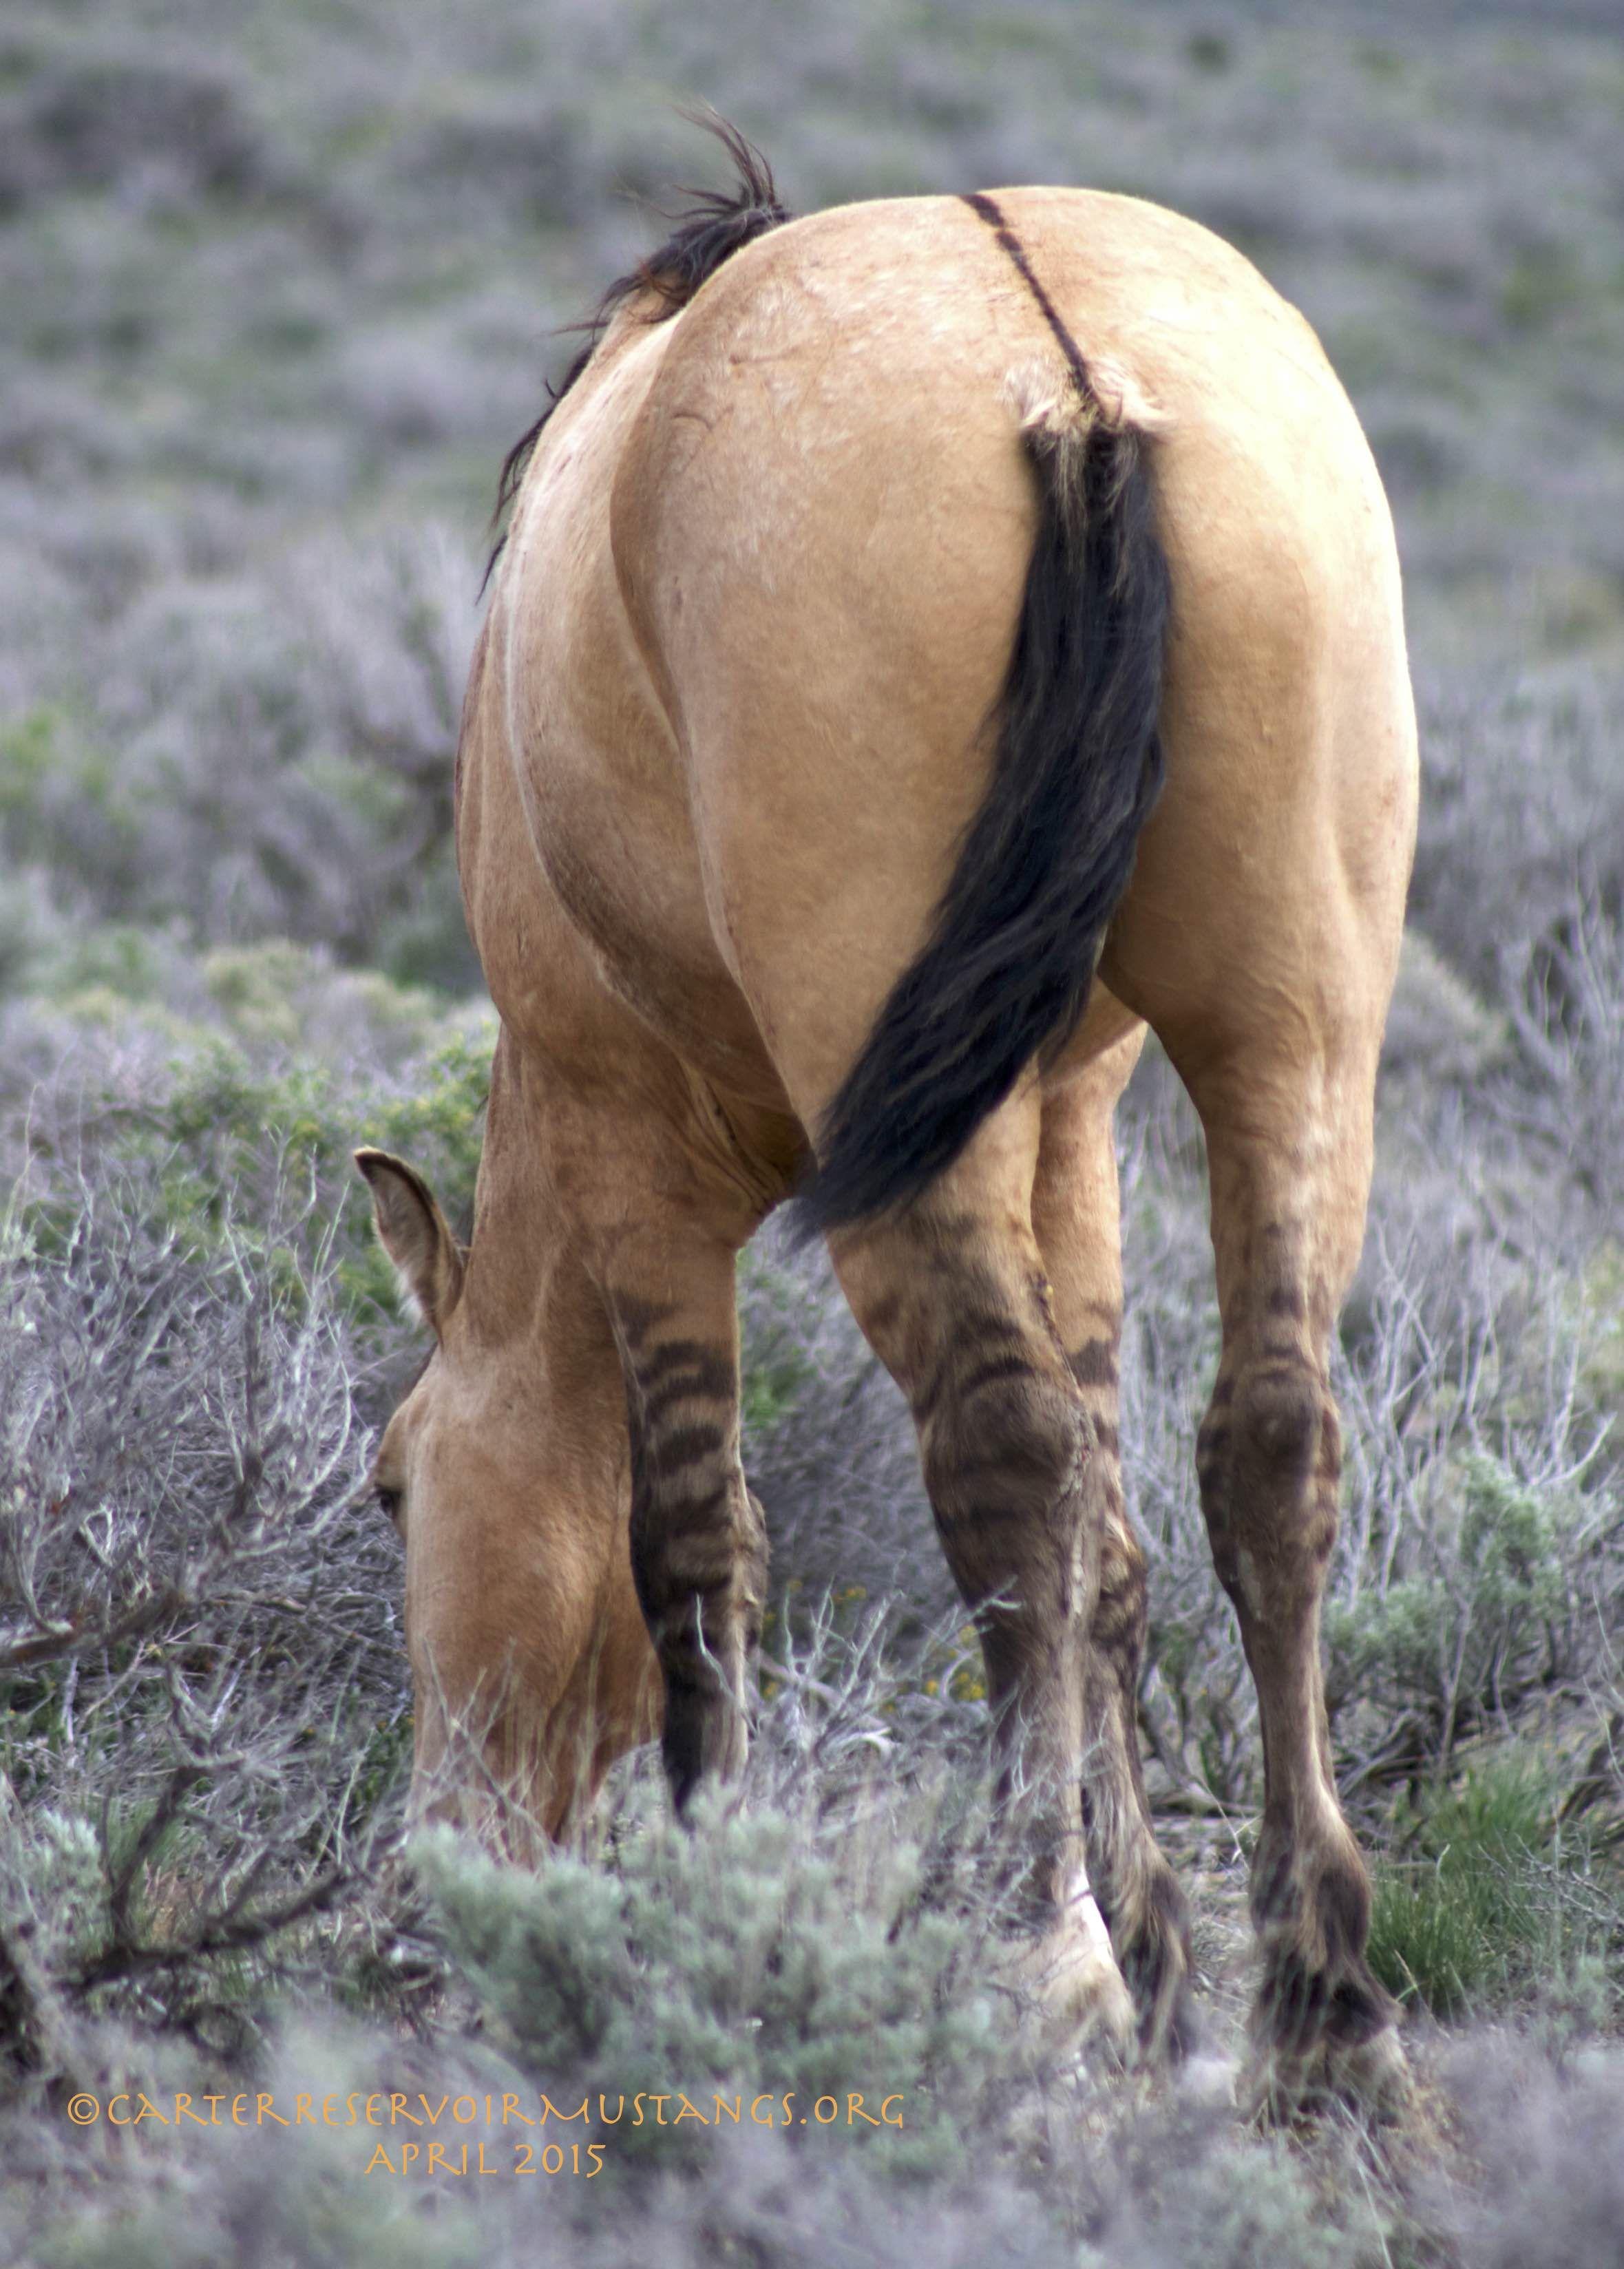 Carter Reservoir Wild Horse dun factor stripes! Wild